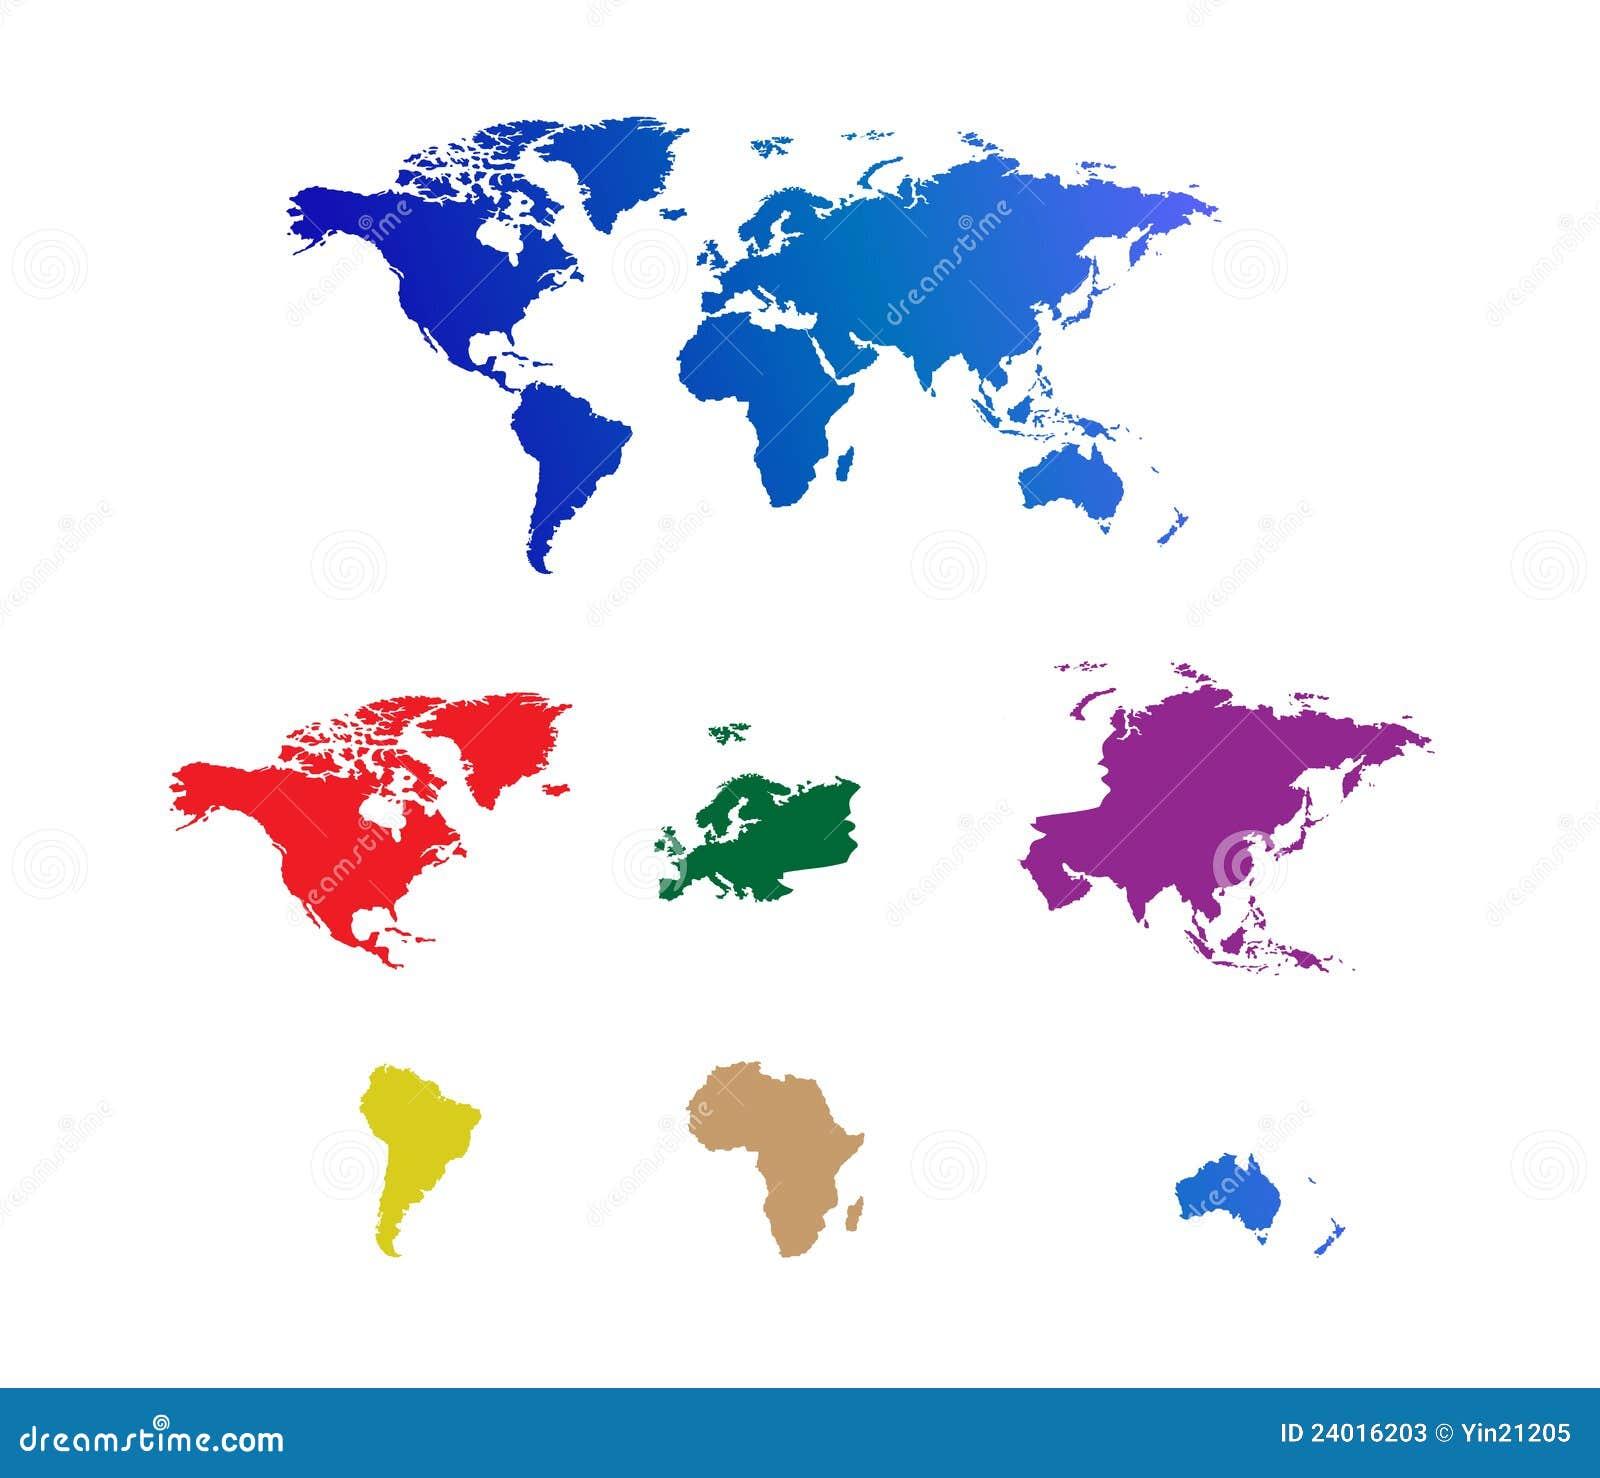 De gescheiden continenten van de wereld kaart stock illustratie afbeelding 24016203 - De thuisbasis van de wereld chesterfield ...